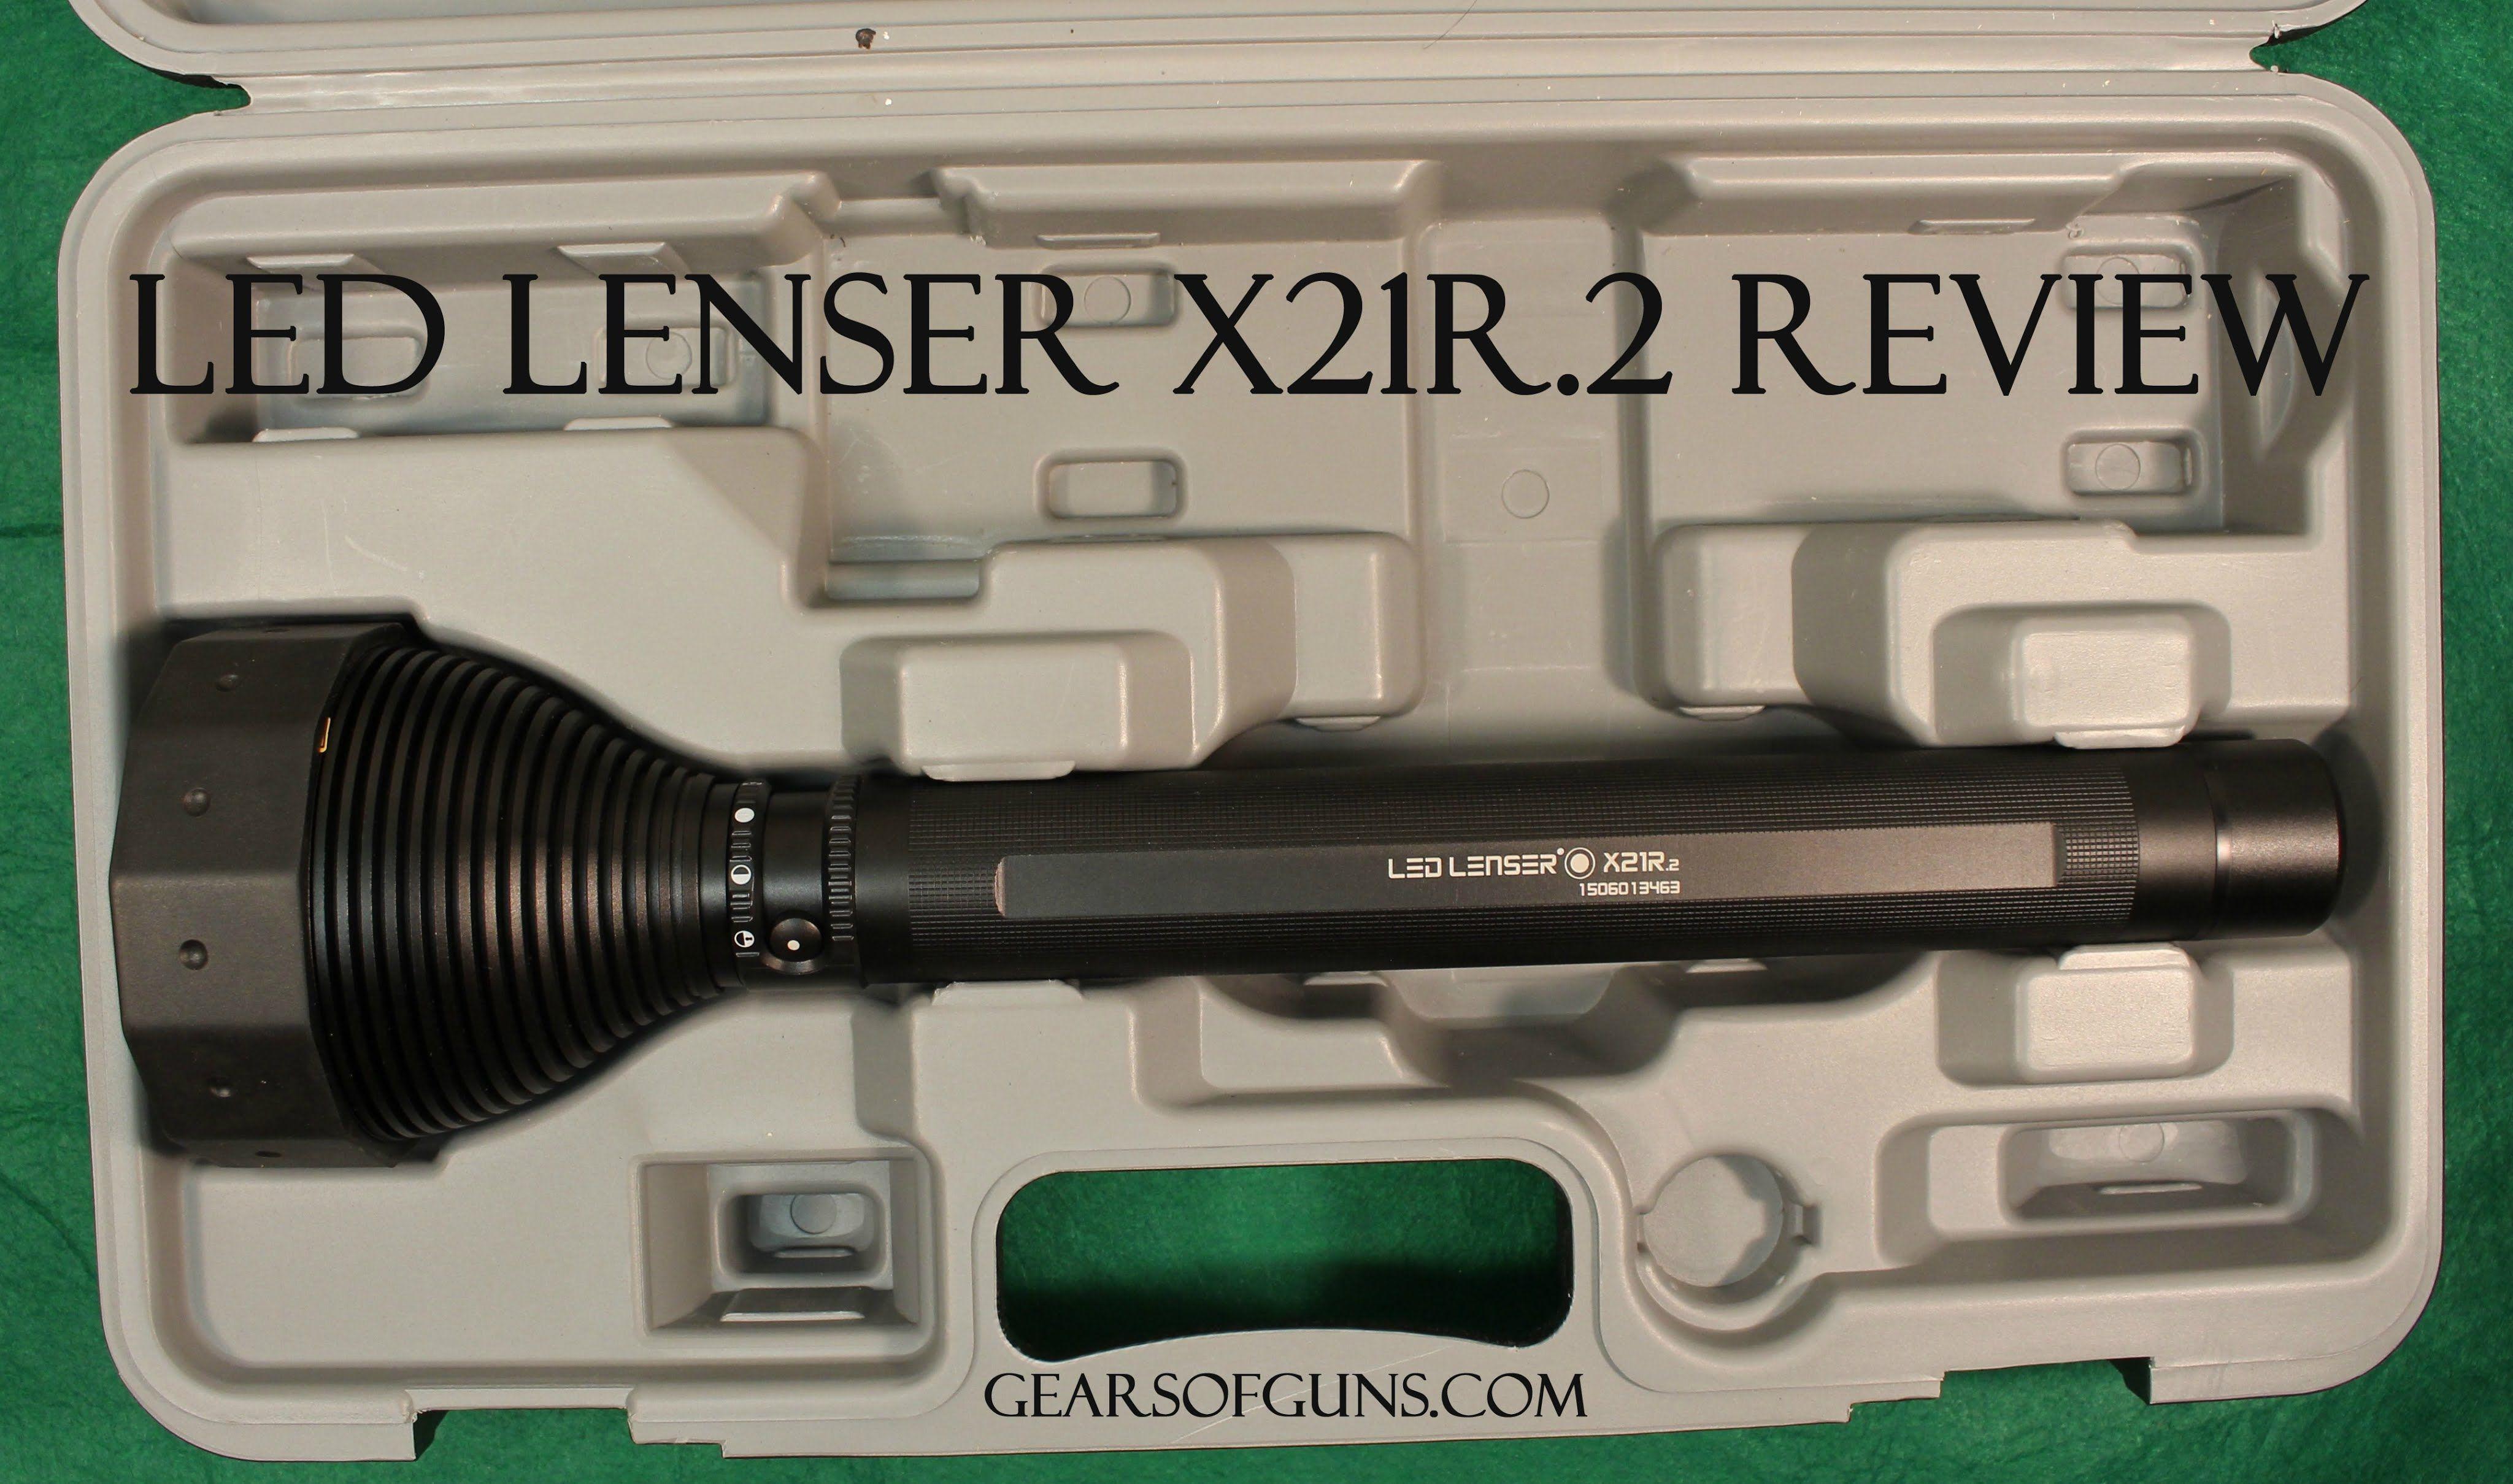 Led Lenser X21r 2 Review Reviews Pinterest Flashlight Led